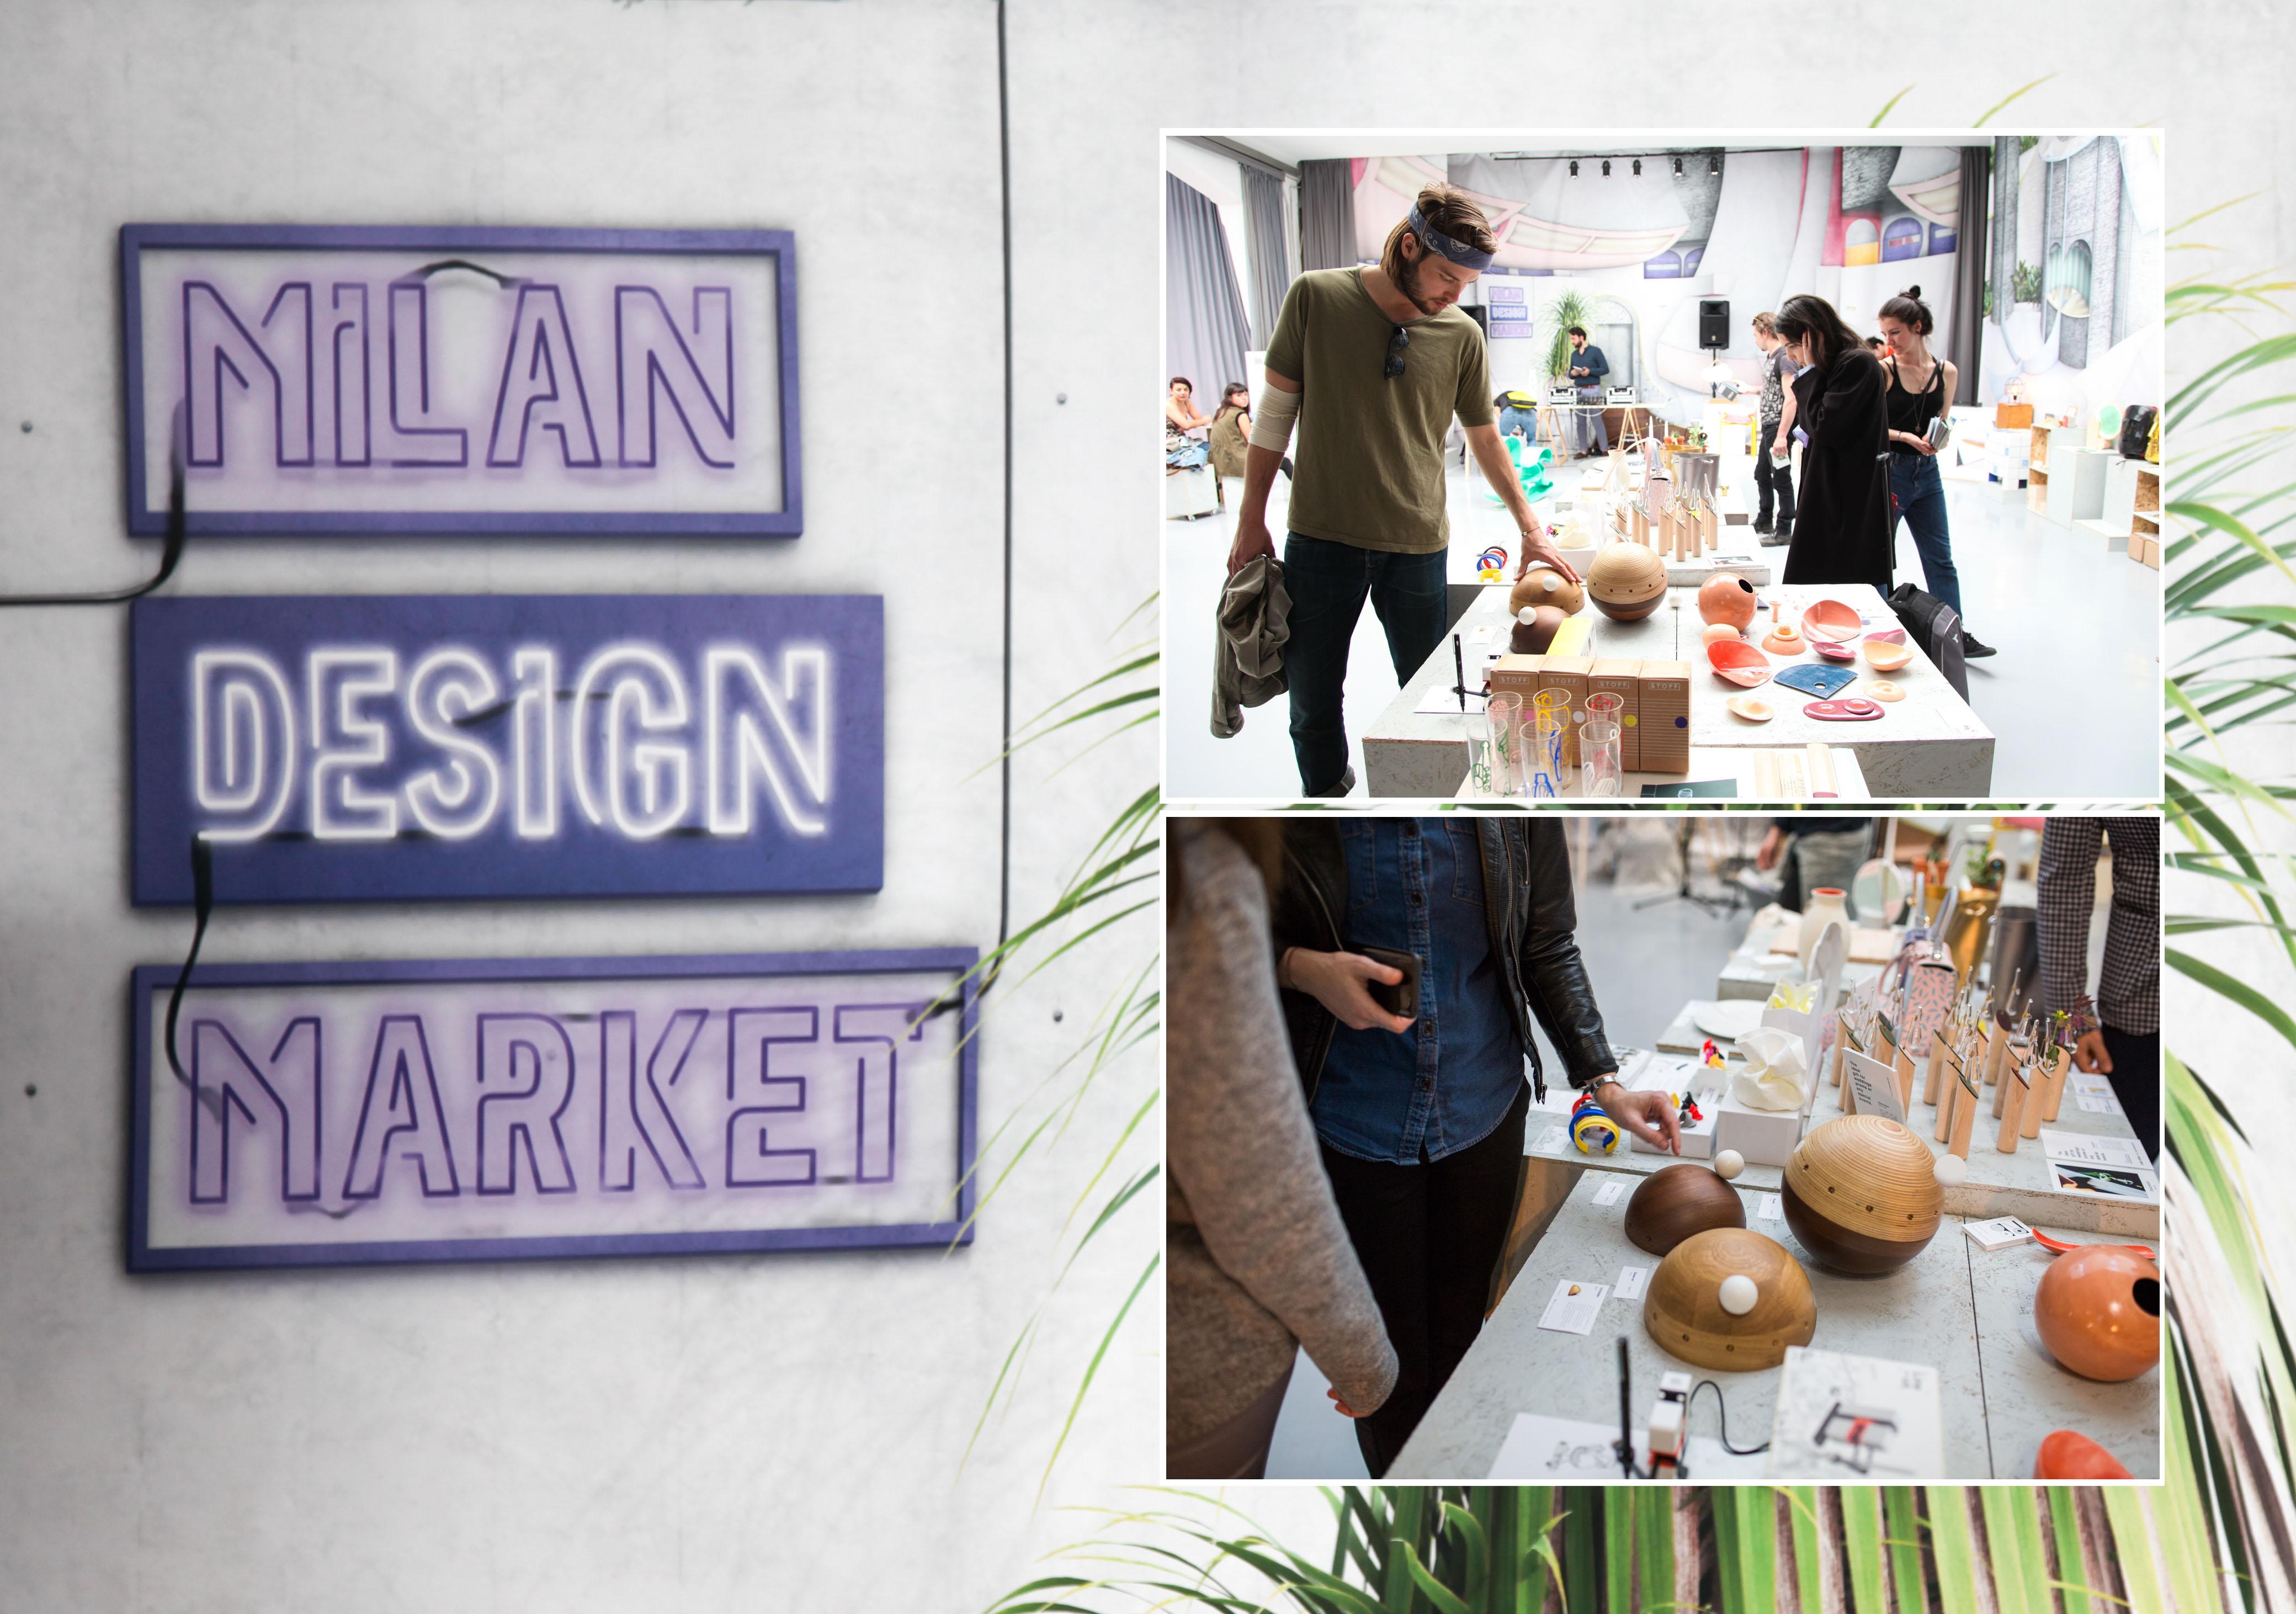 Milan Design Market-Tothora